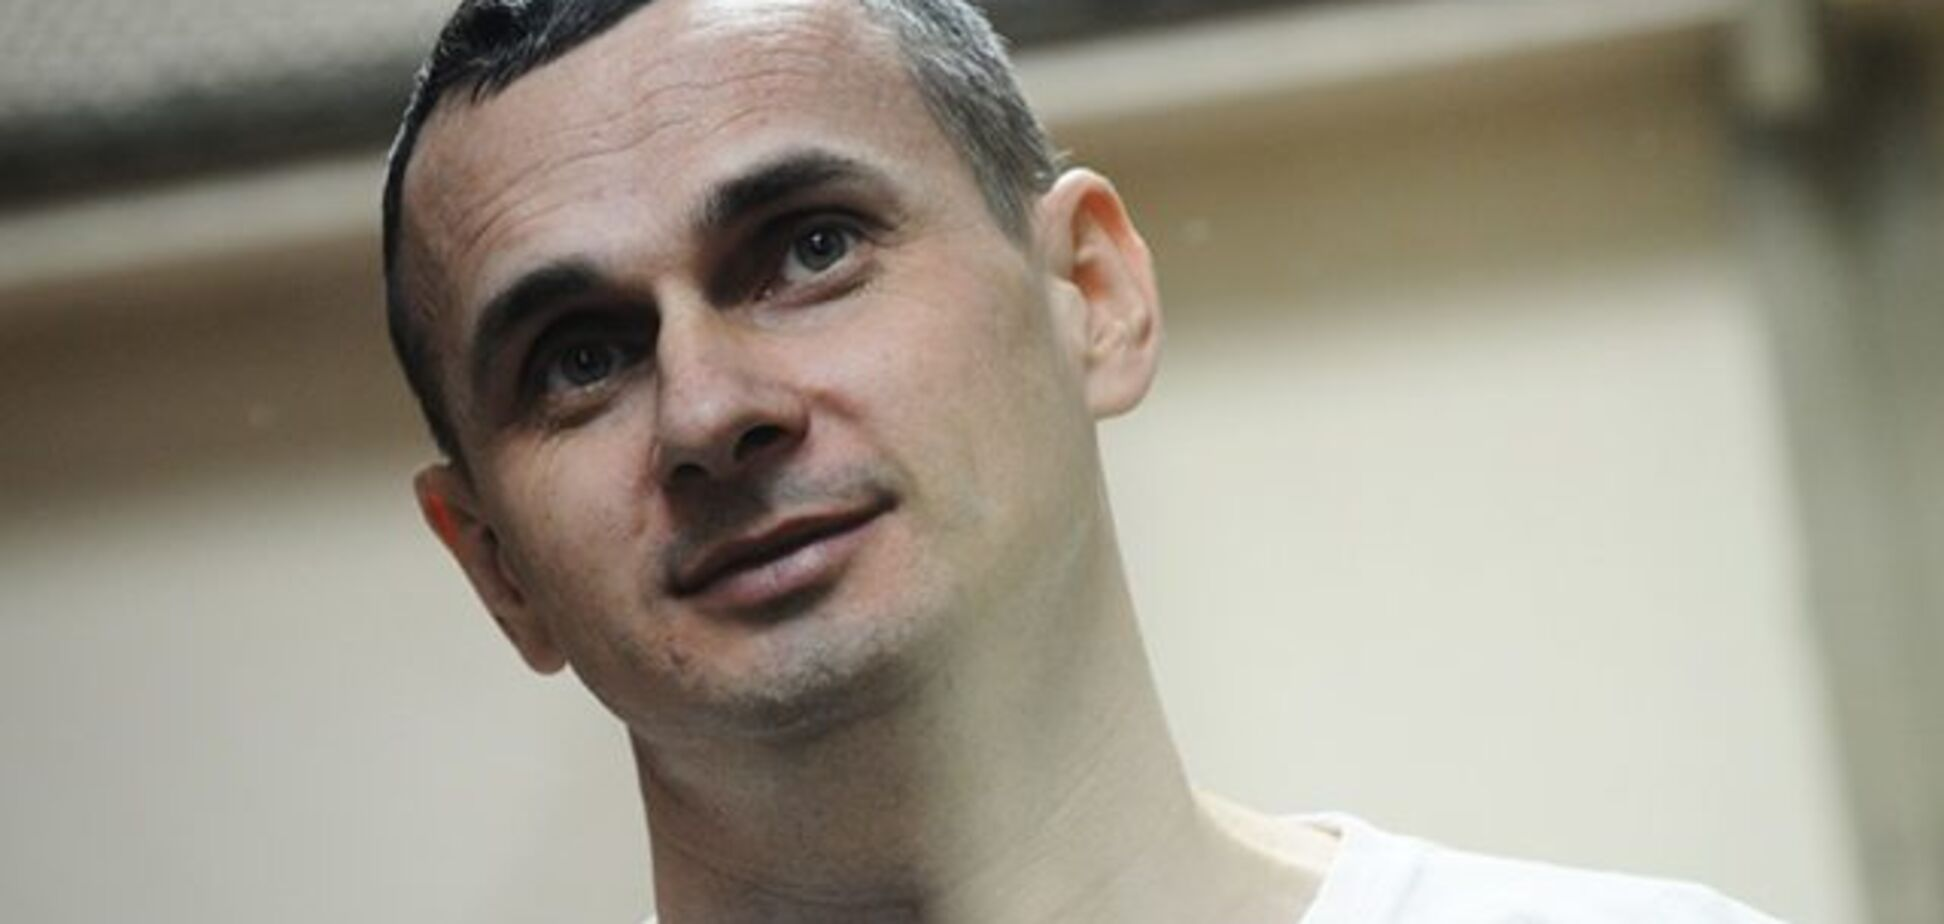 Могут отказать органы: появились тревожные новости о Сенцове